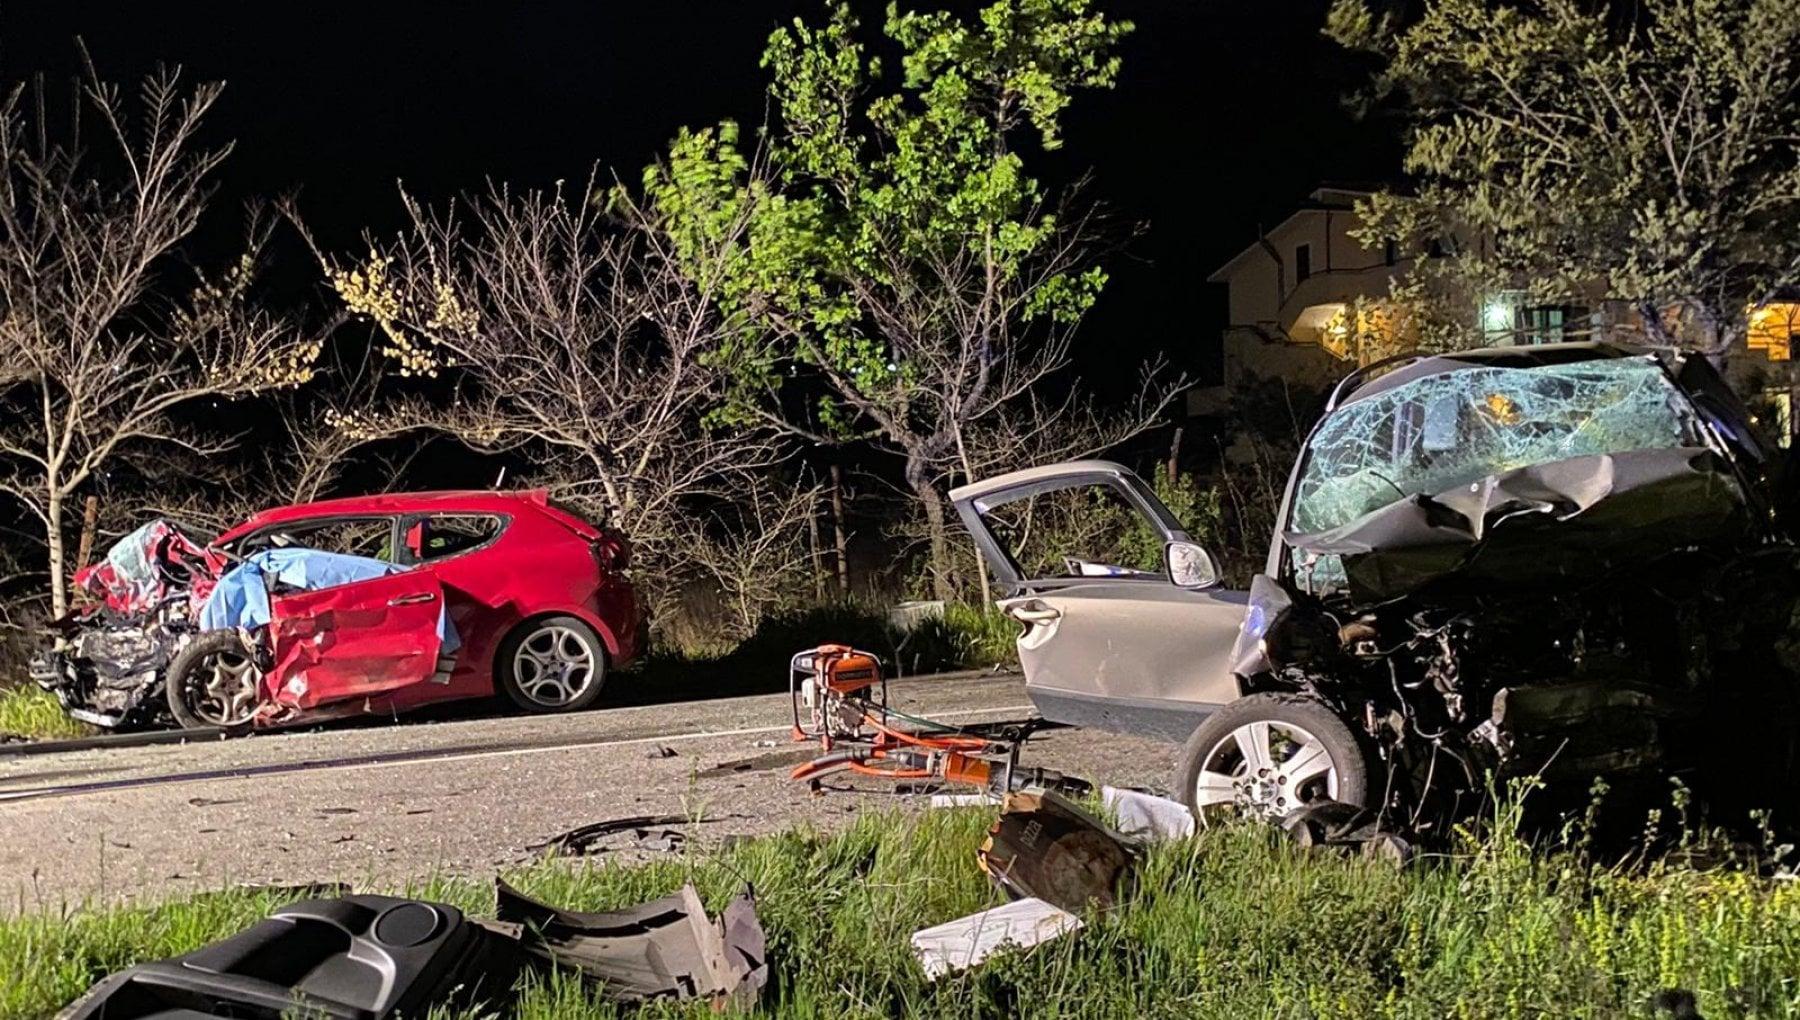 215602606 66fbb13c effc 4ee9 afe5 2cdeb3d73876 - Frosinone, frontale a San Vittore: morti tre ragazzi di 18, 19 e 20 anni e un uomo di 52. Lo schianto in diretta social